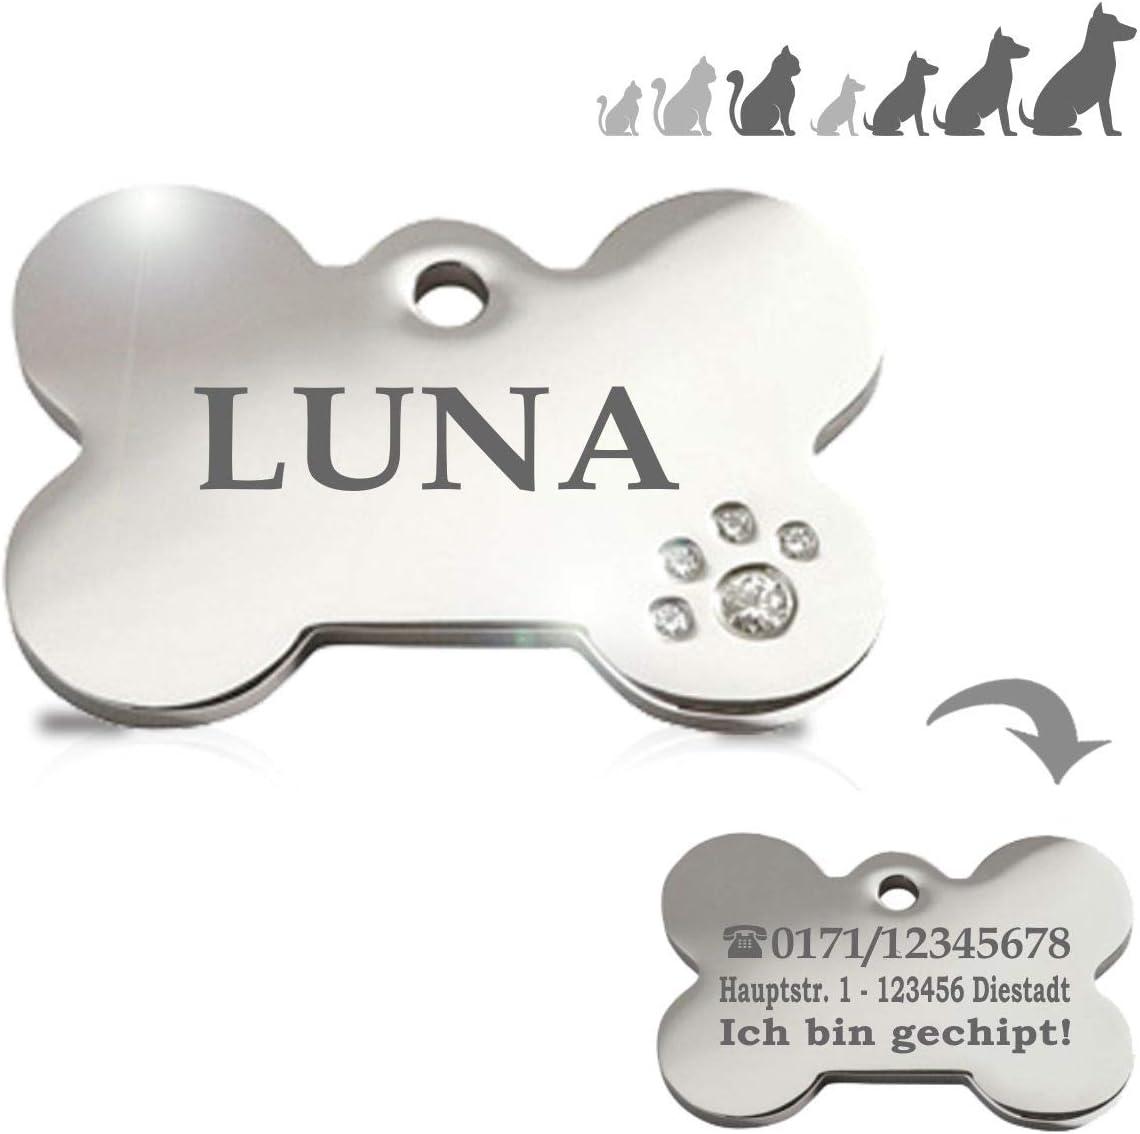 Hueso Acero Deluxe con brillantitos en Forma de Pata Placa Chapa Medalla de identificación Personalizada para Collar Perro Gato Mascota grabada